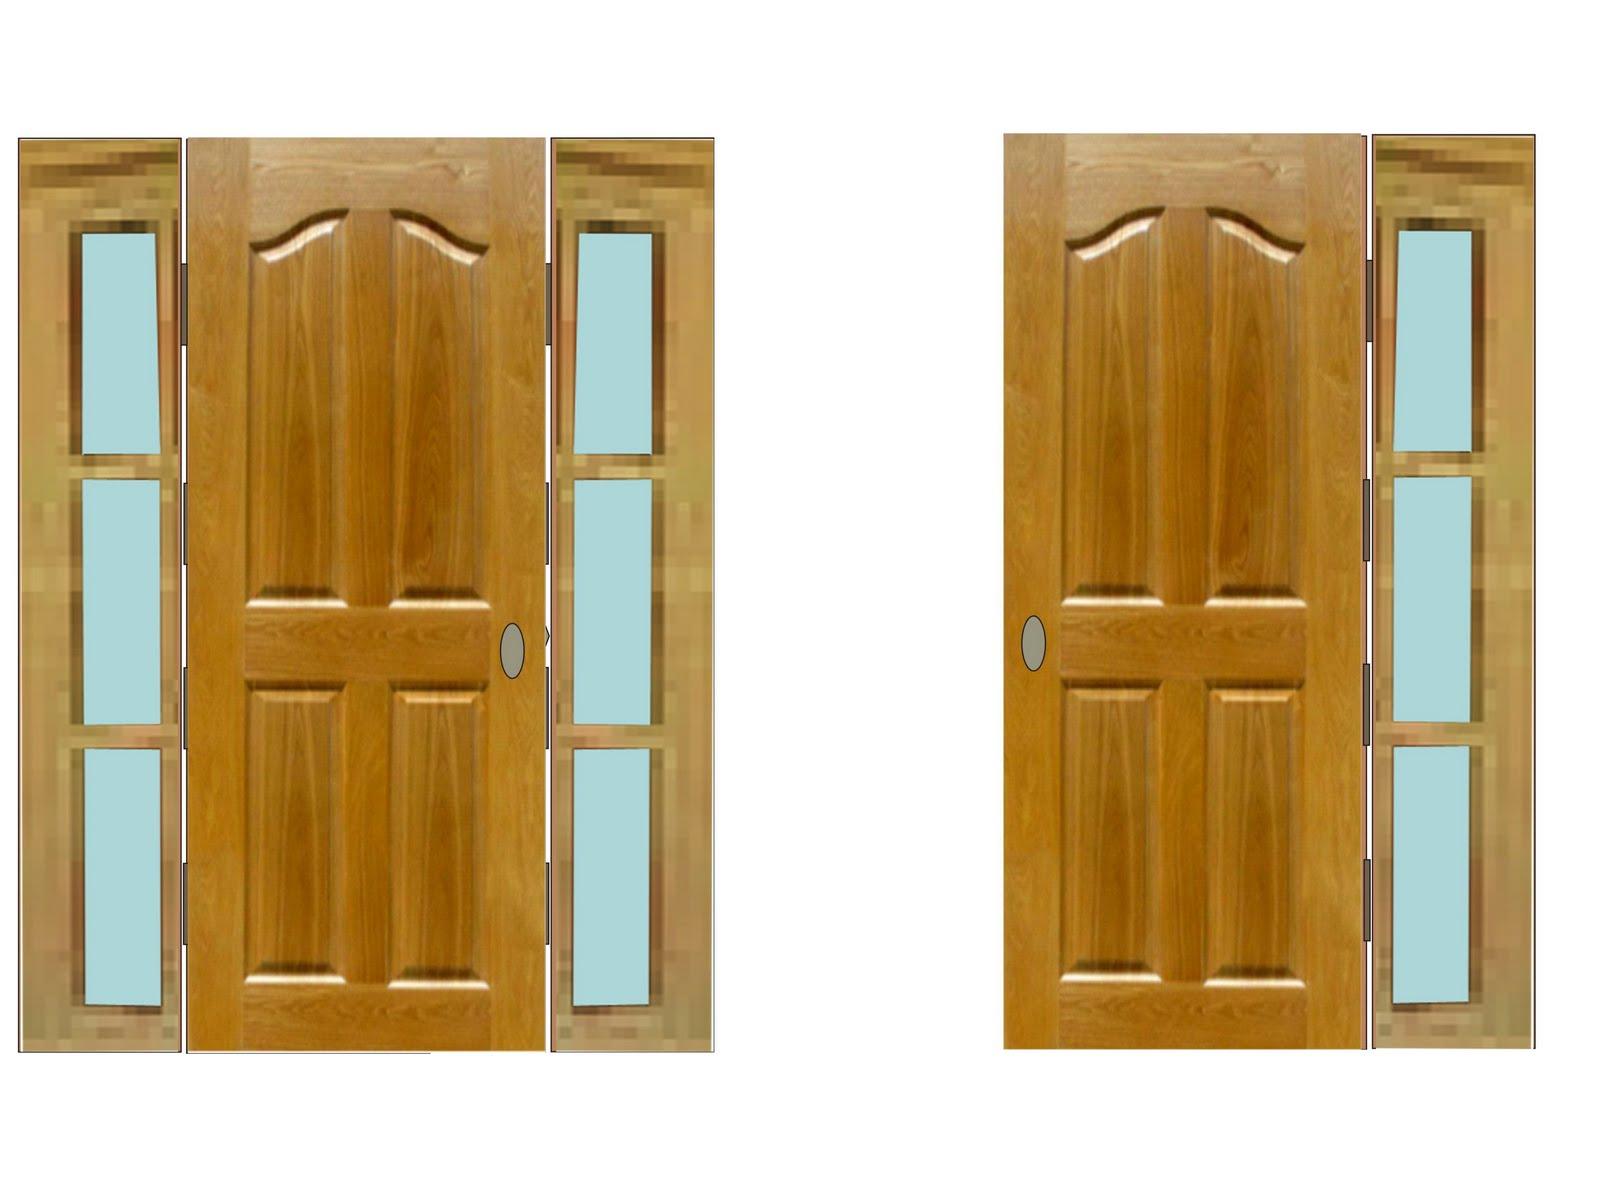 Puertas levadizas carpinteria de madera for Puertas de madera sodimac